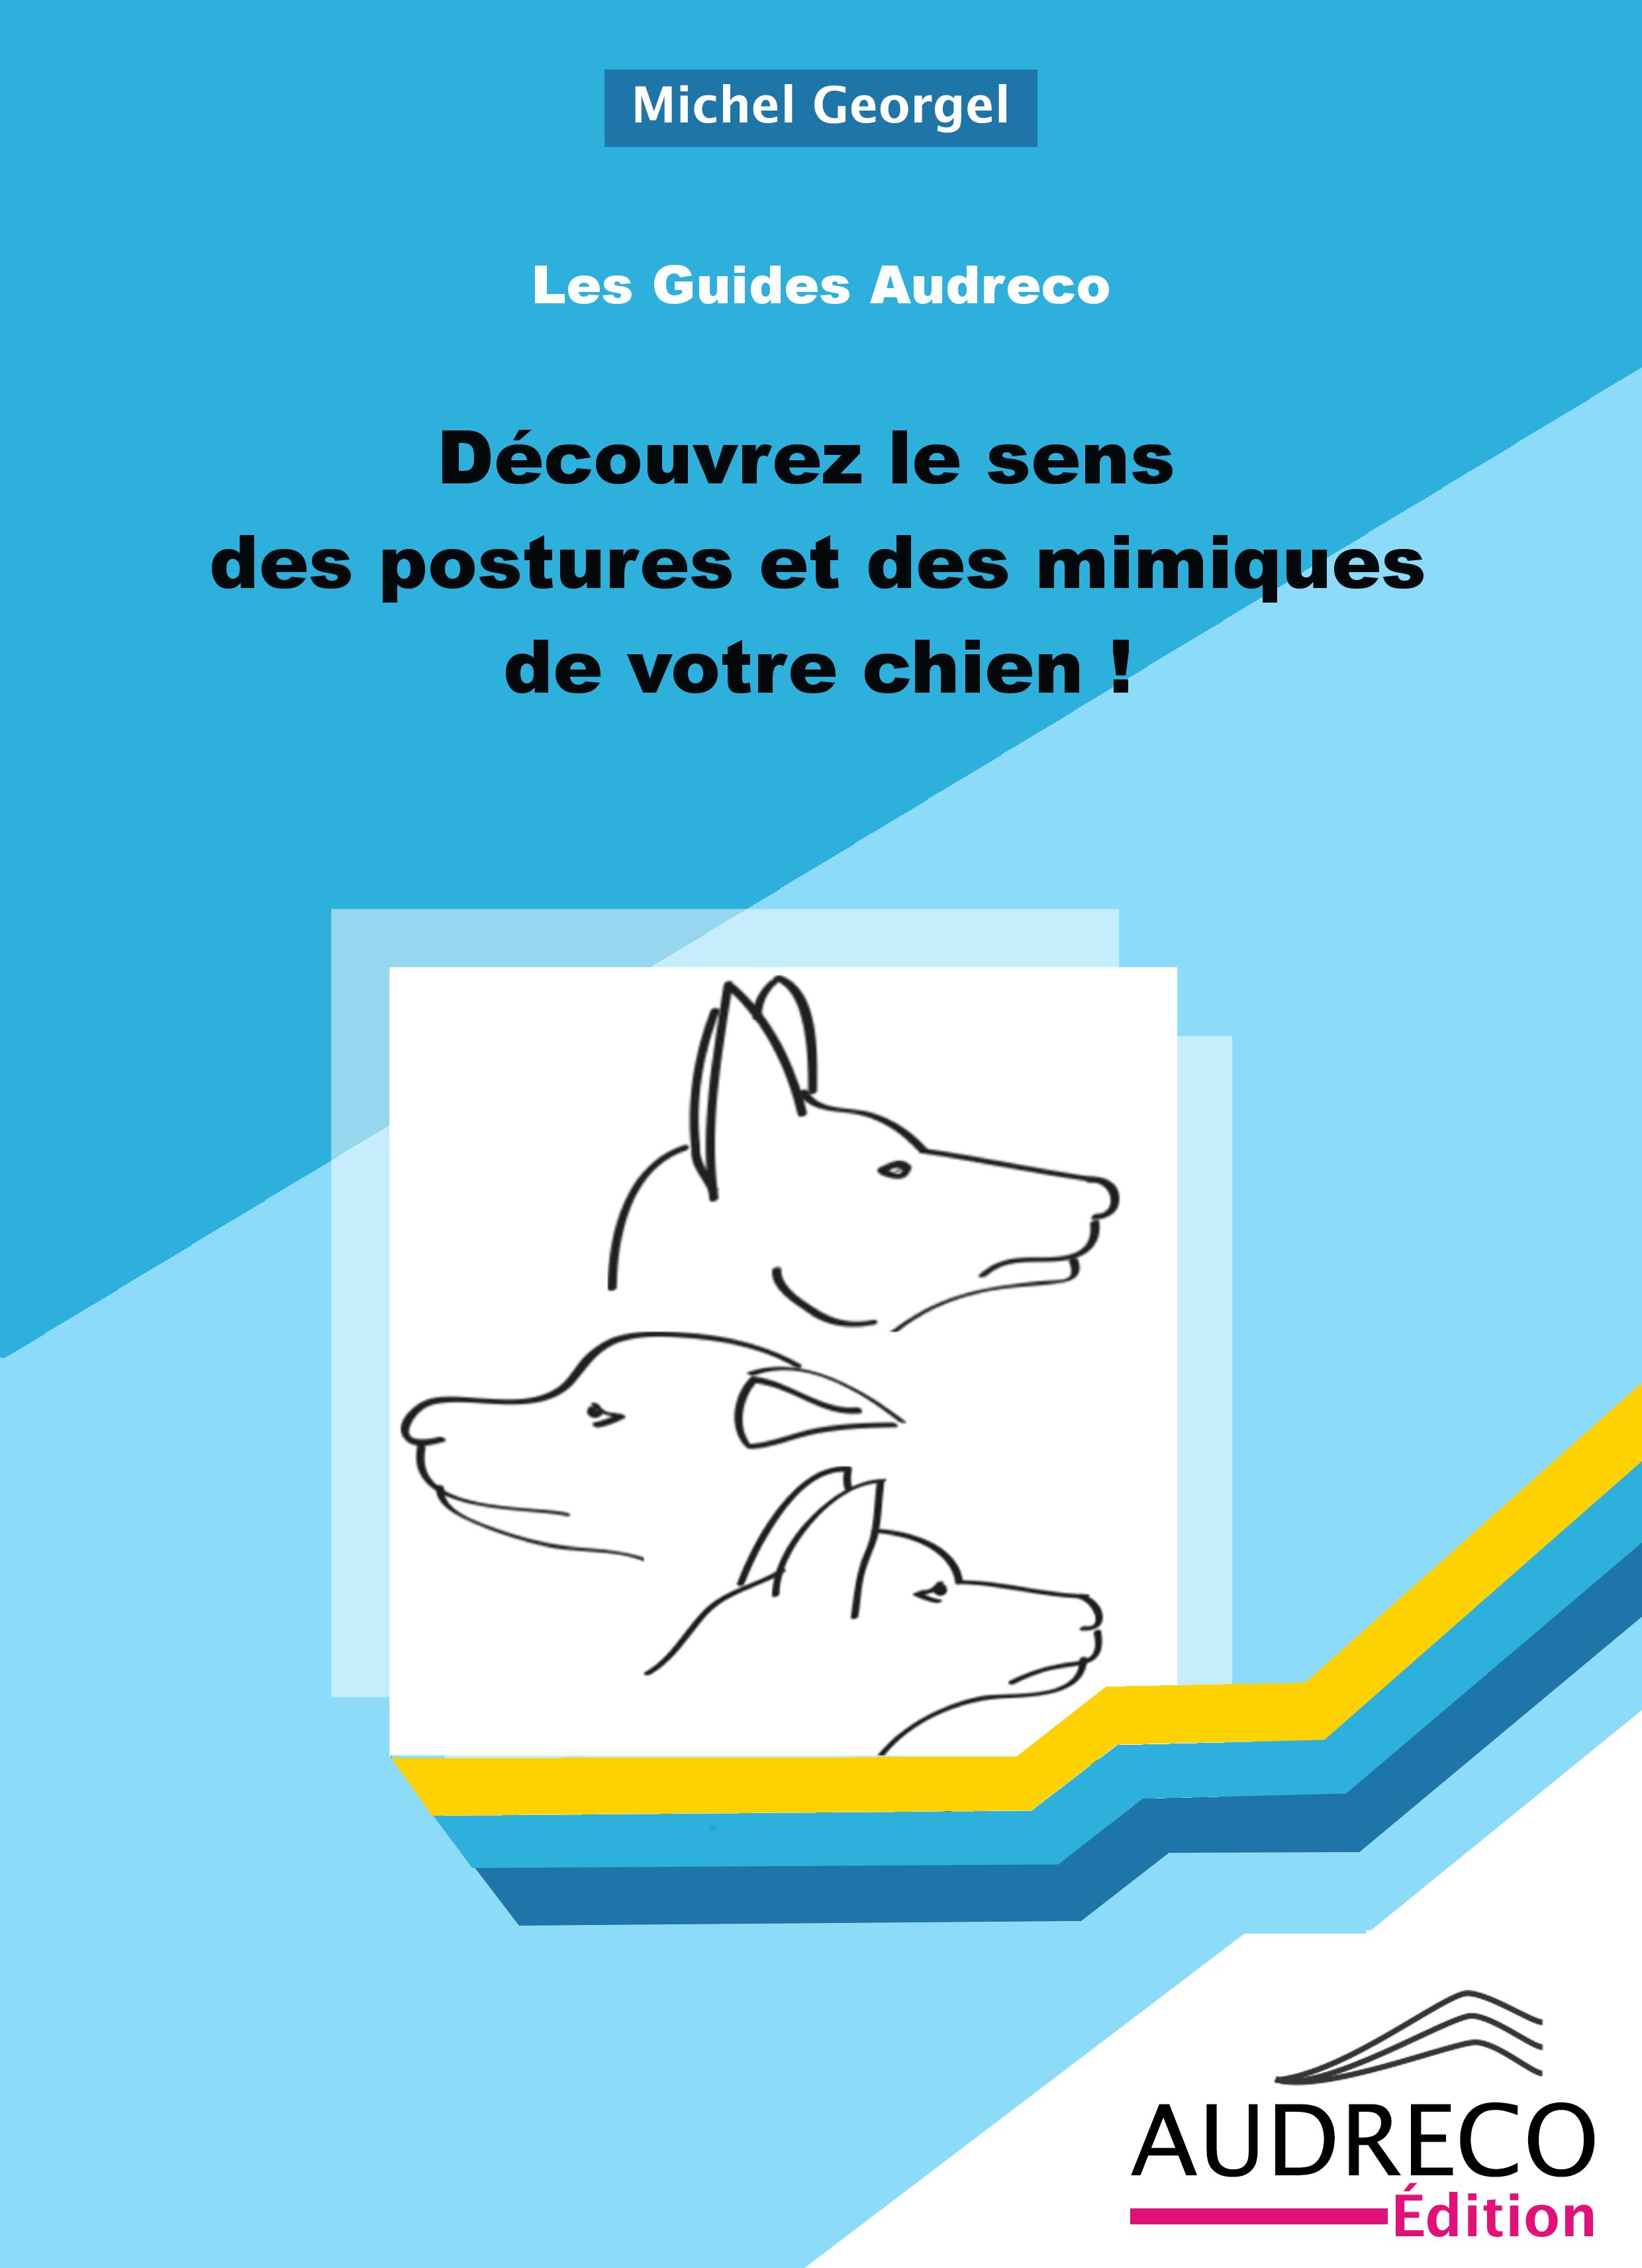 Découvrez le sens des postures et des mimiques de votre chien !